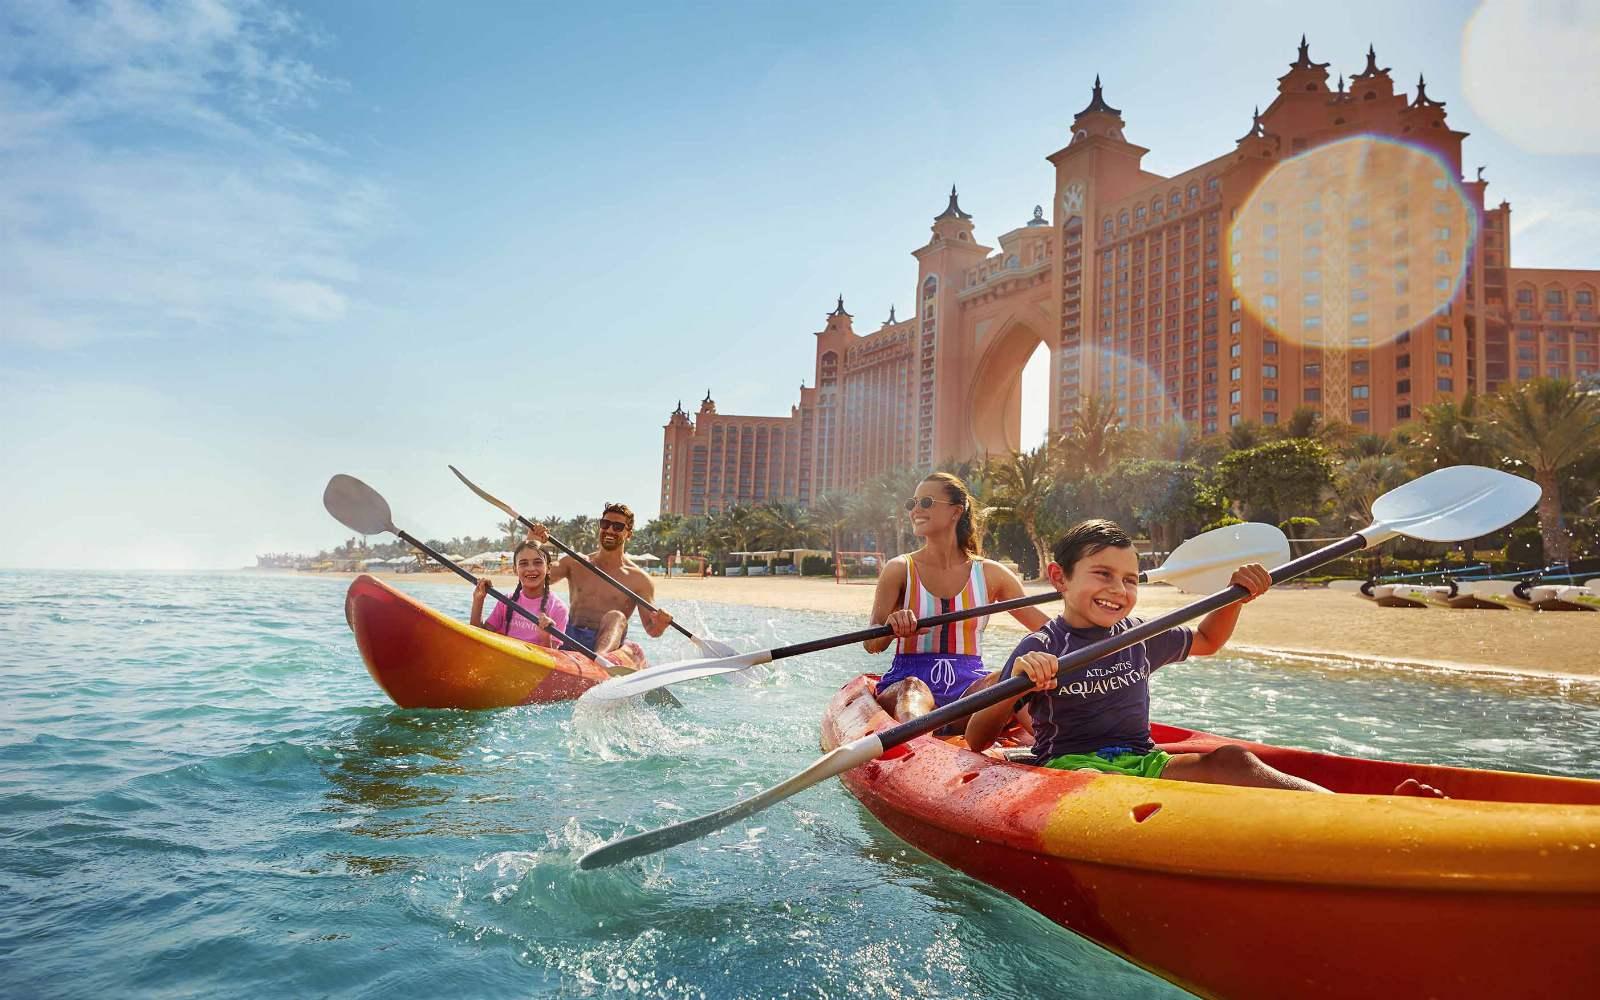 Atlantis, The Palm - Kayaking